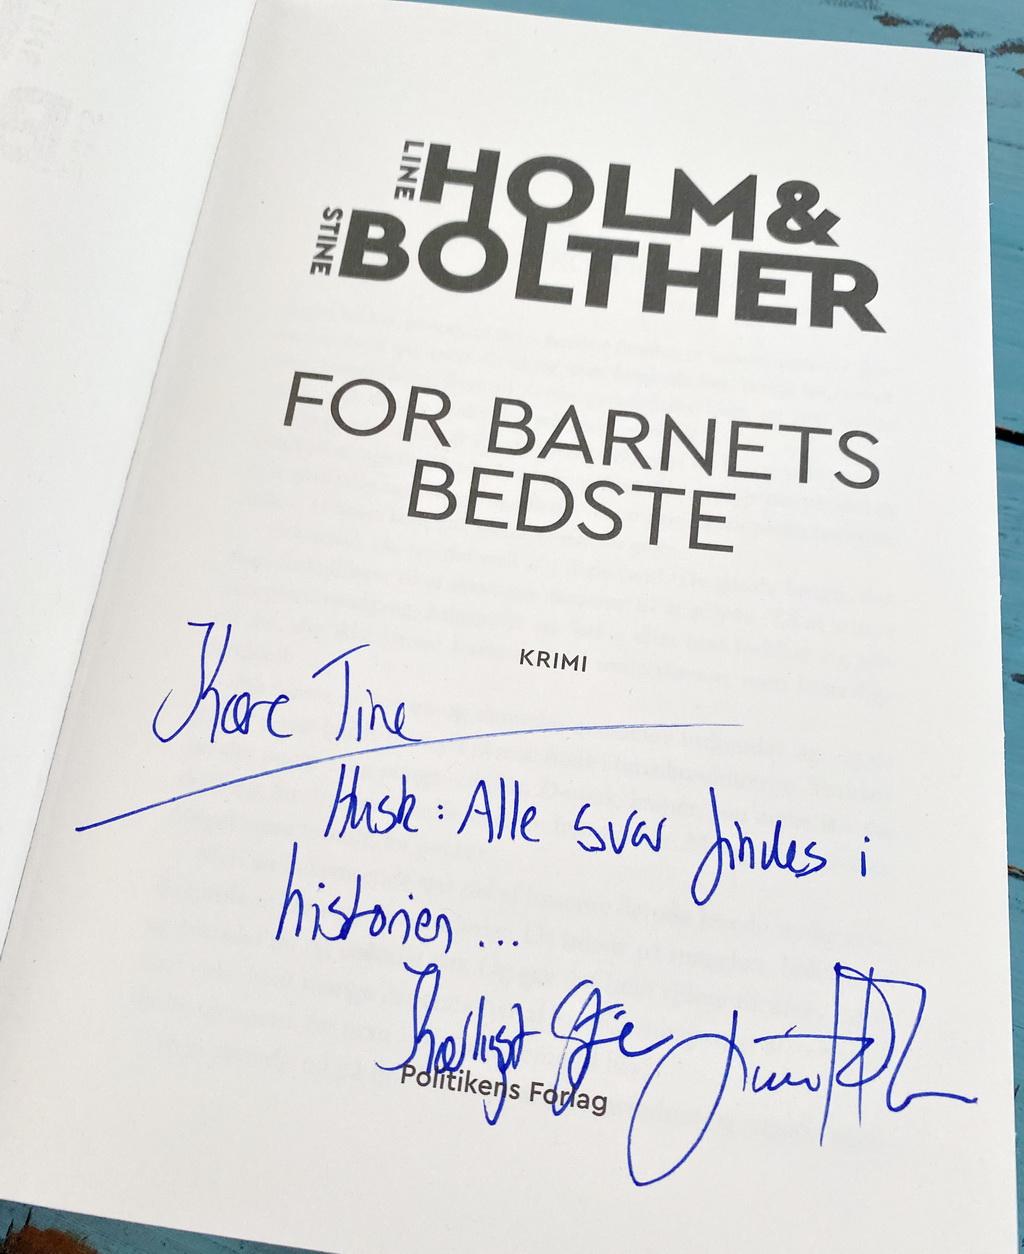 Billede af: Signatur i: For barnets bedste af Line Holm og Stine Bolther